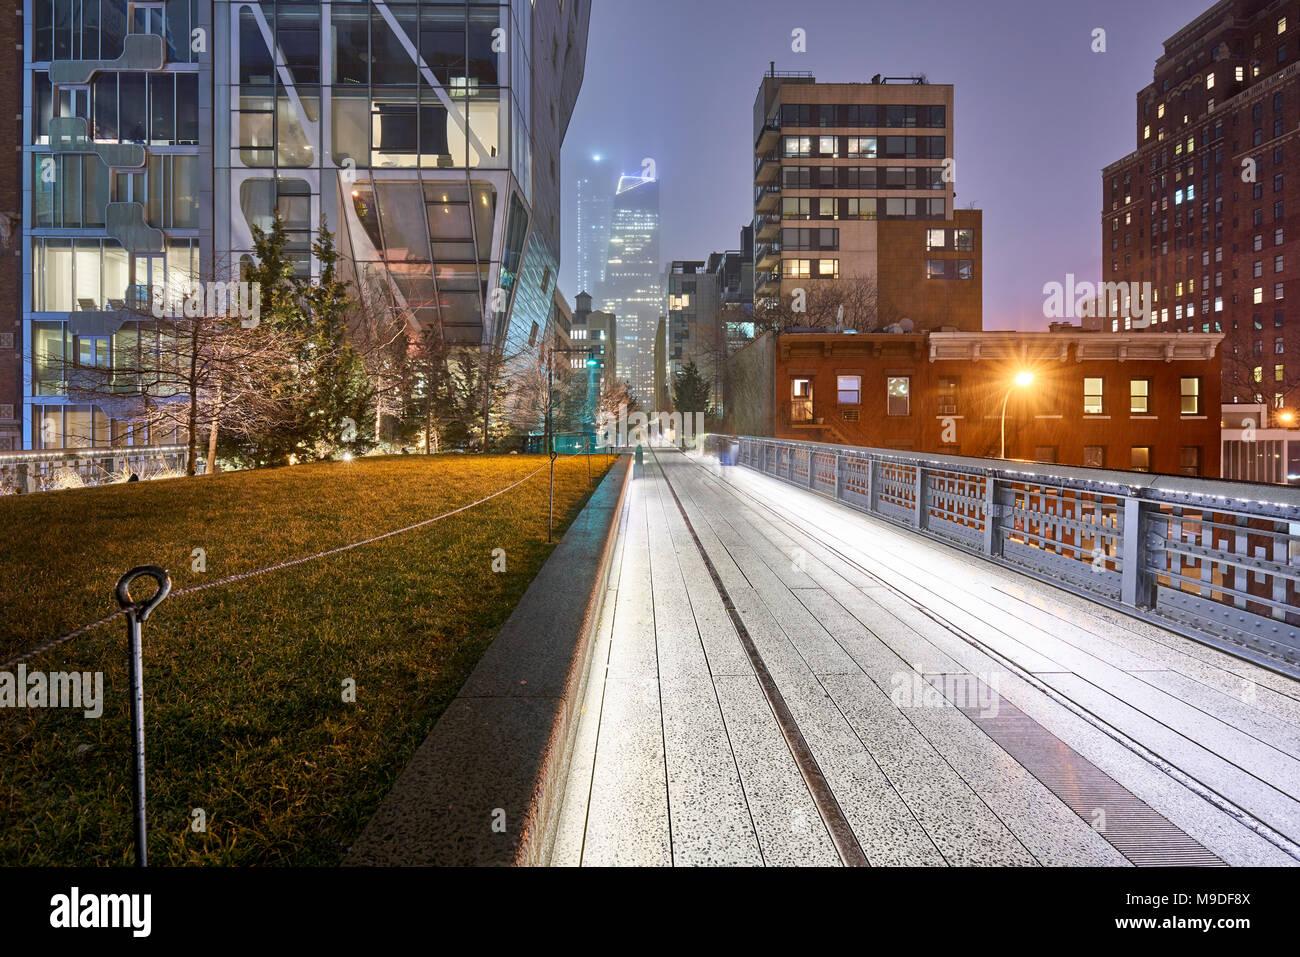 Die Highline in Chelsea in der Nacht an einem regnerischen Tag im Winter. Manhattan, New York City Stockbild